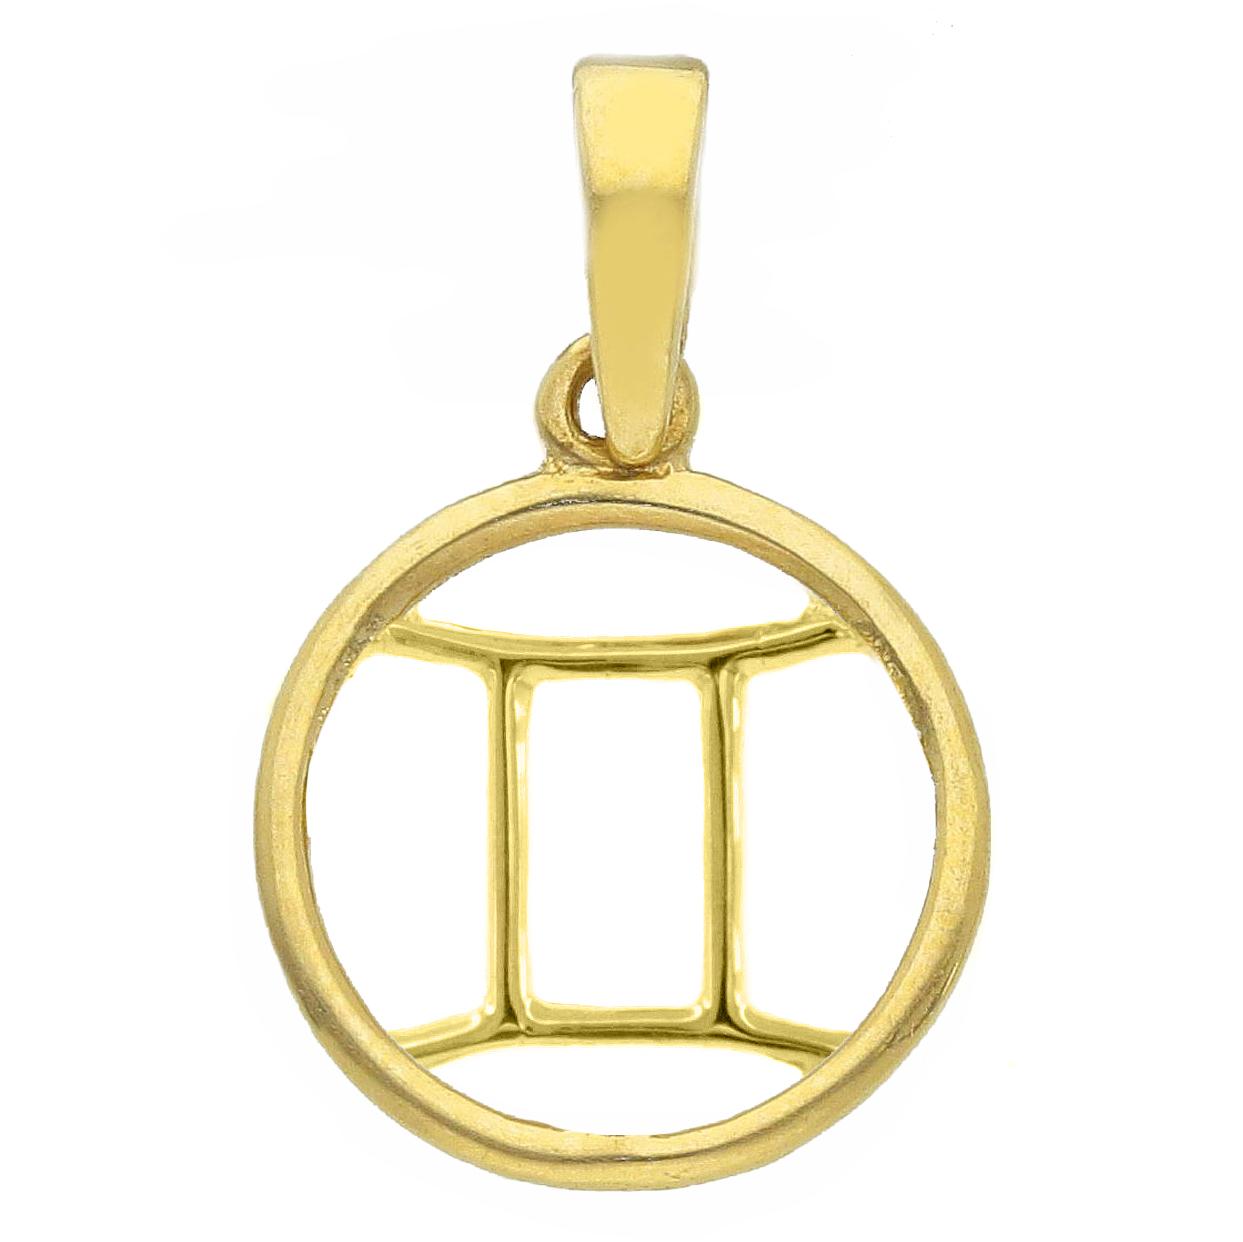 Ciondolo segno zodiacale Gemelli in oro giallo stilizzato